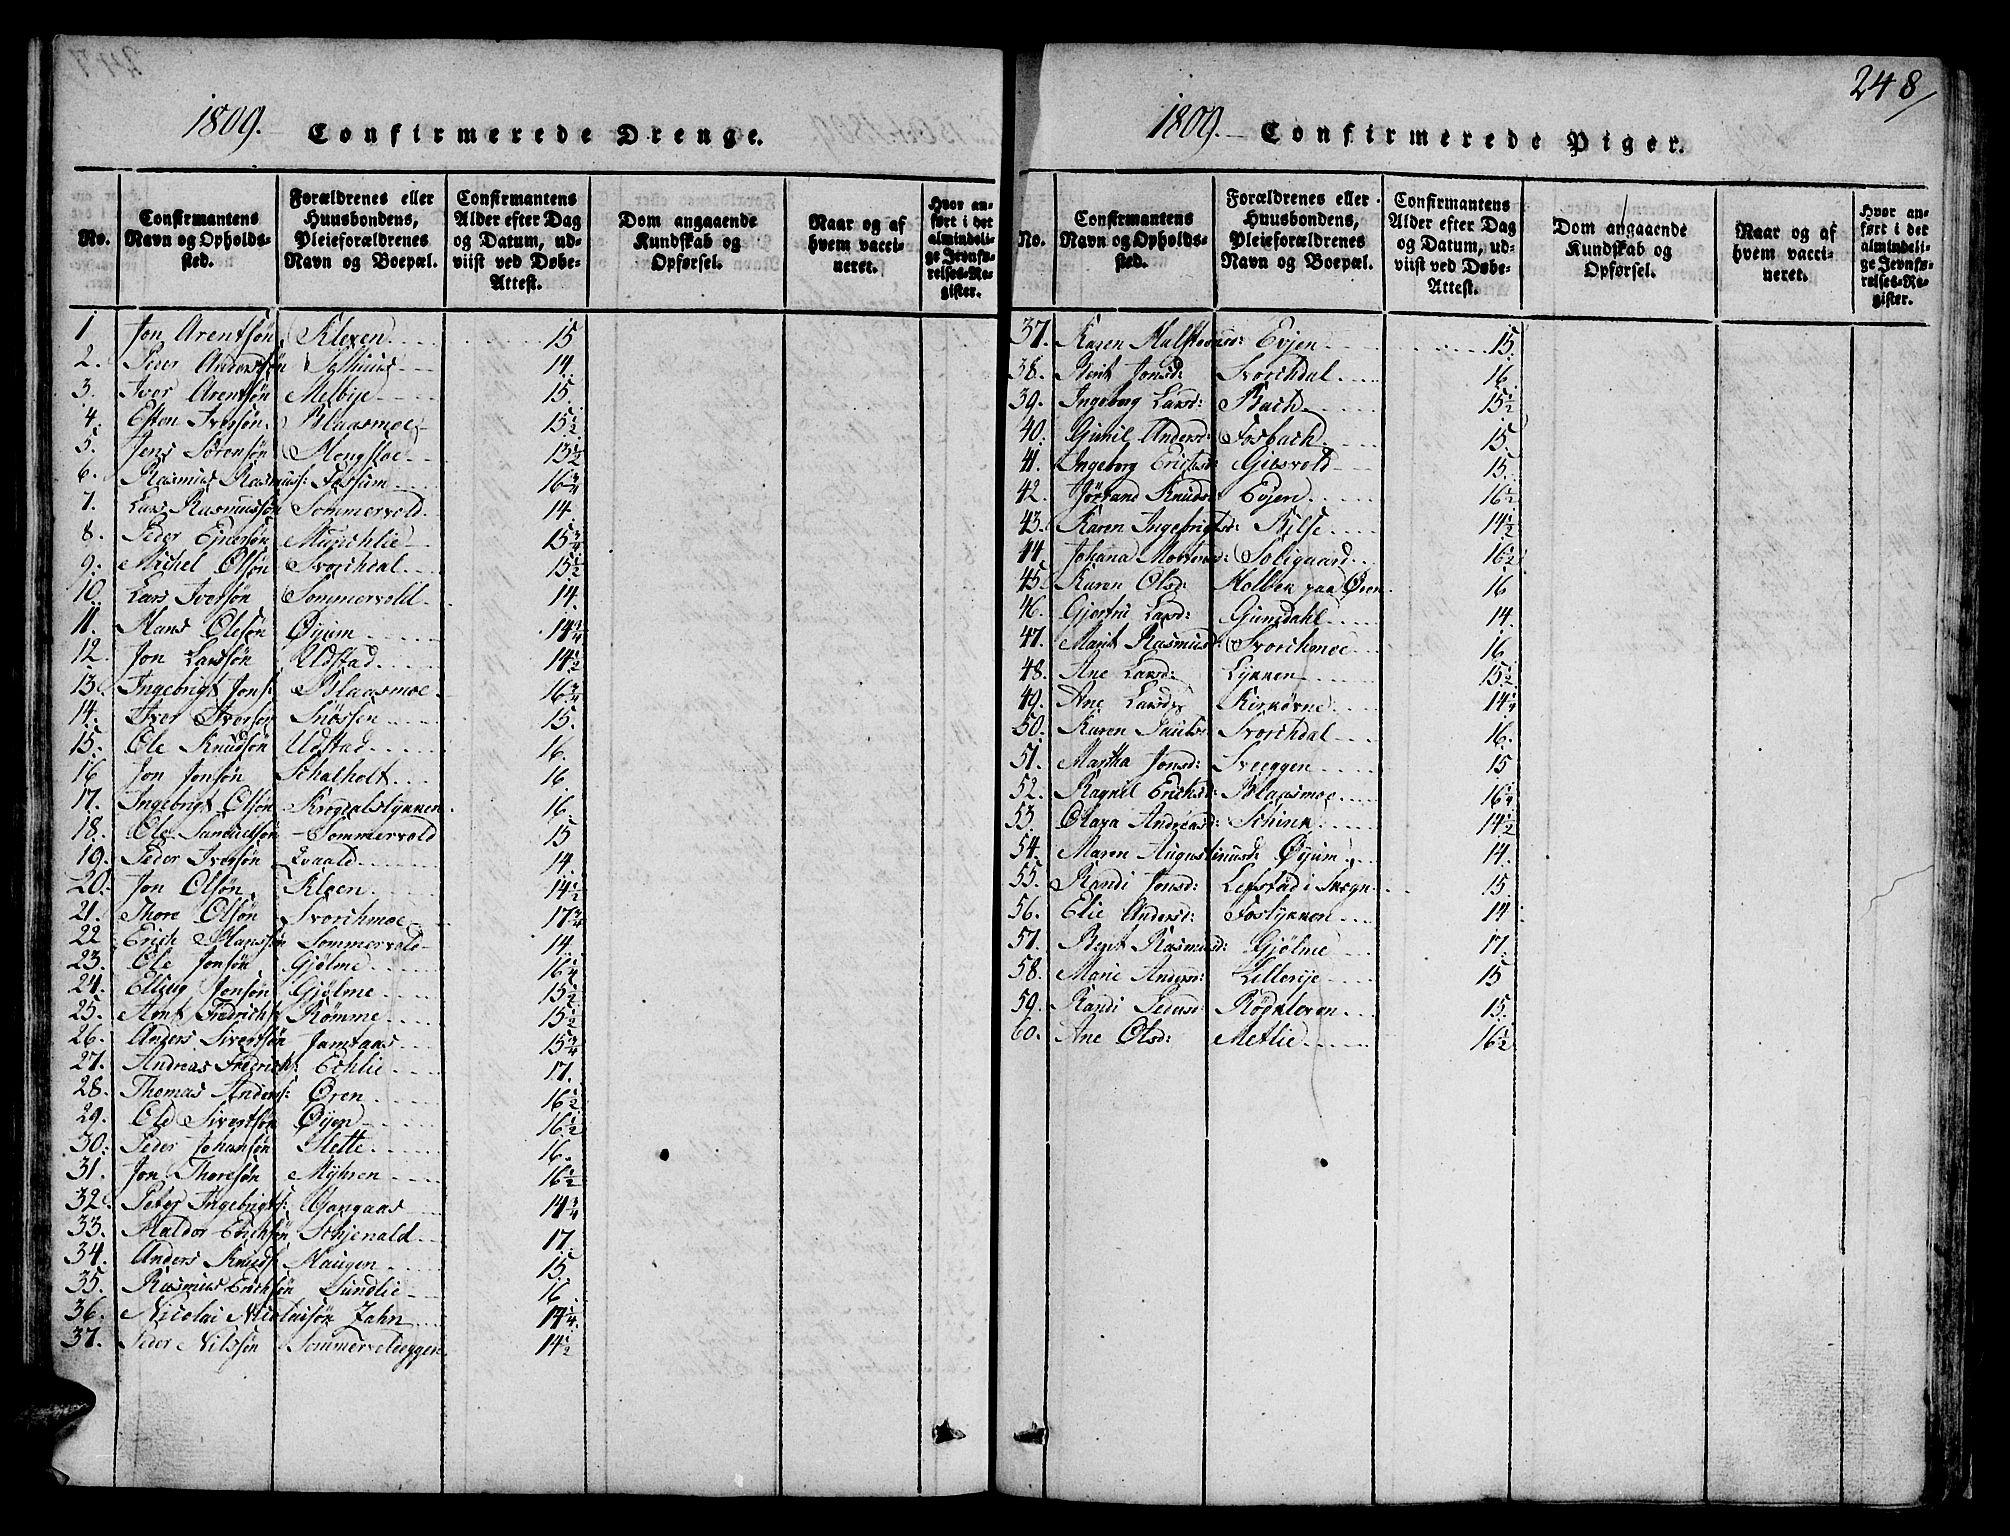 SAT, Ministerialprotokoller, klokkerbøker og fødselsregistre - Sør-Trøndelag, 668/L0803: Ministerialbok nr. 668A03, 1800-1826, s. 248